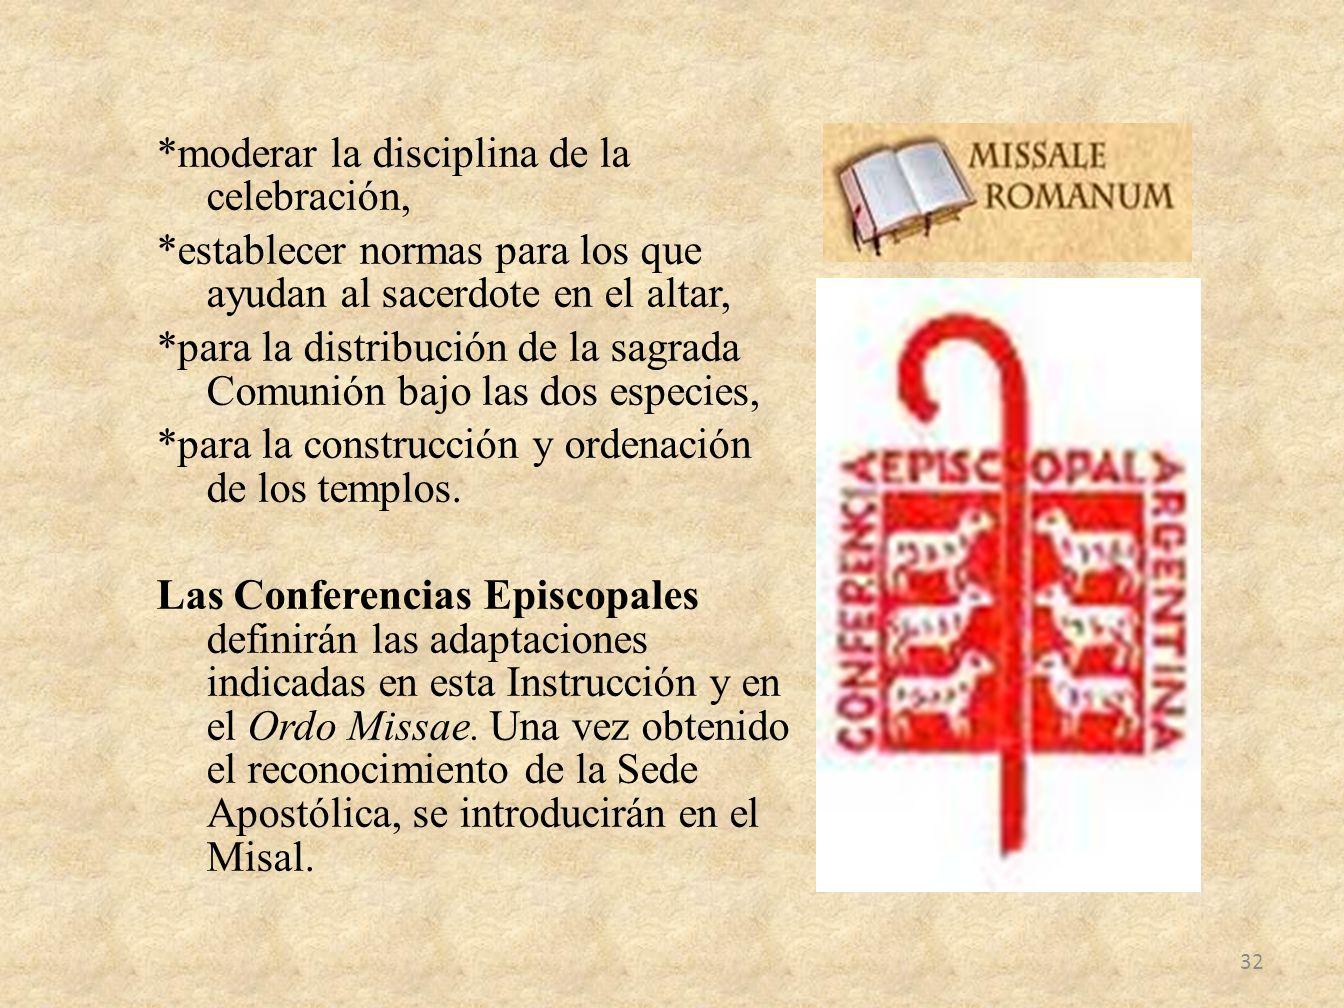 *moderar la disciplina de la celebración, *establecer normas para los que ayudan al sacerdote en el altar, *para la distribución de la sagrada Comunió